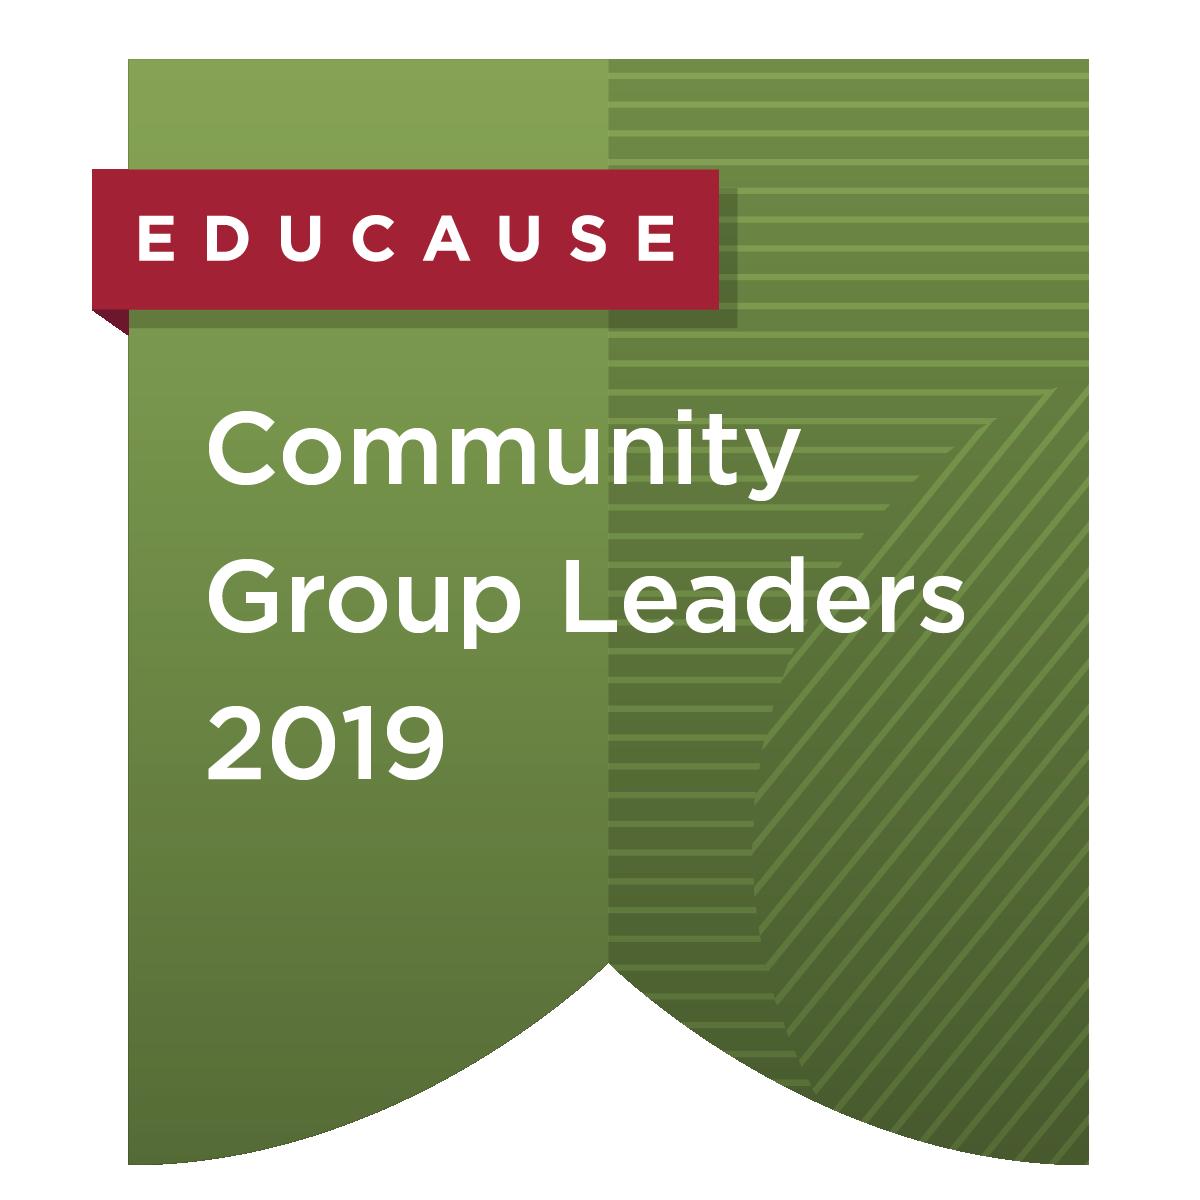 Community Group Leaders 2019